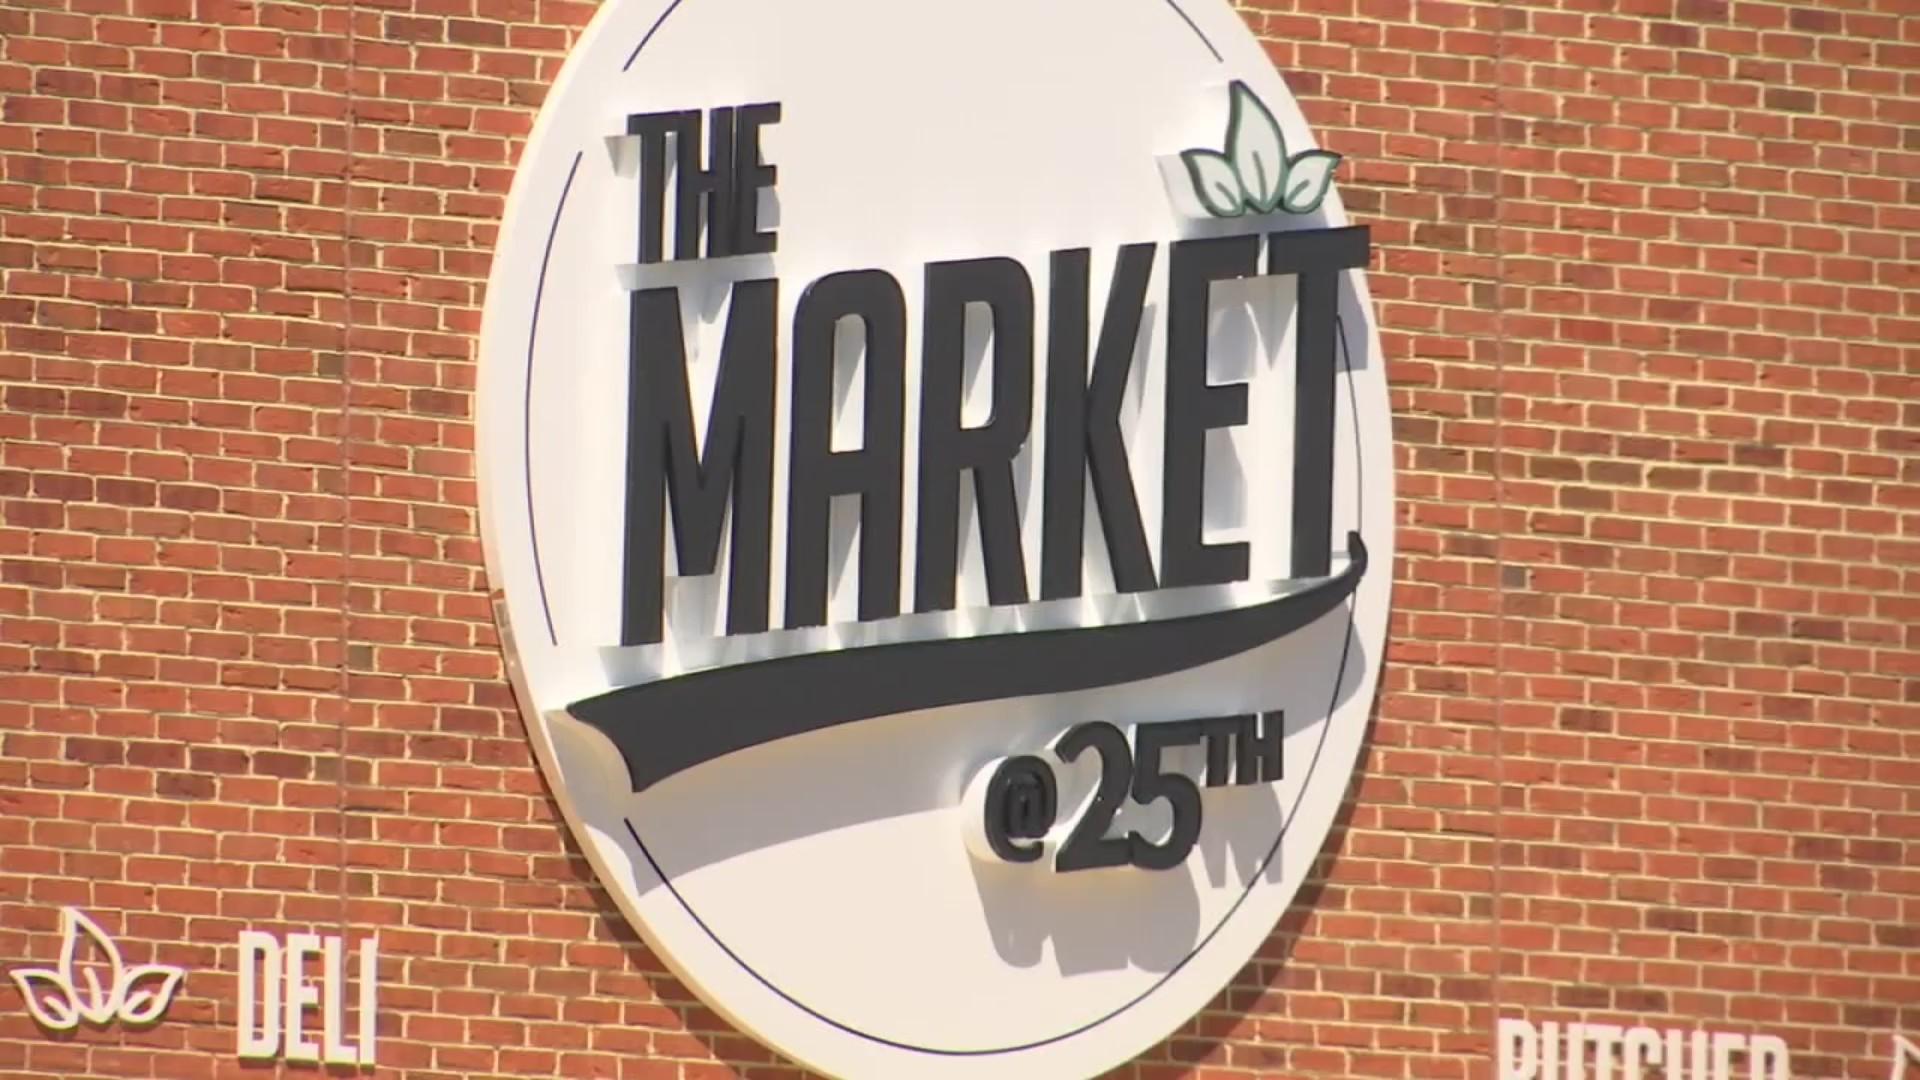 Market at 25th